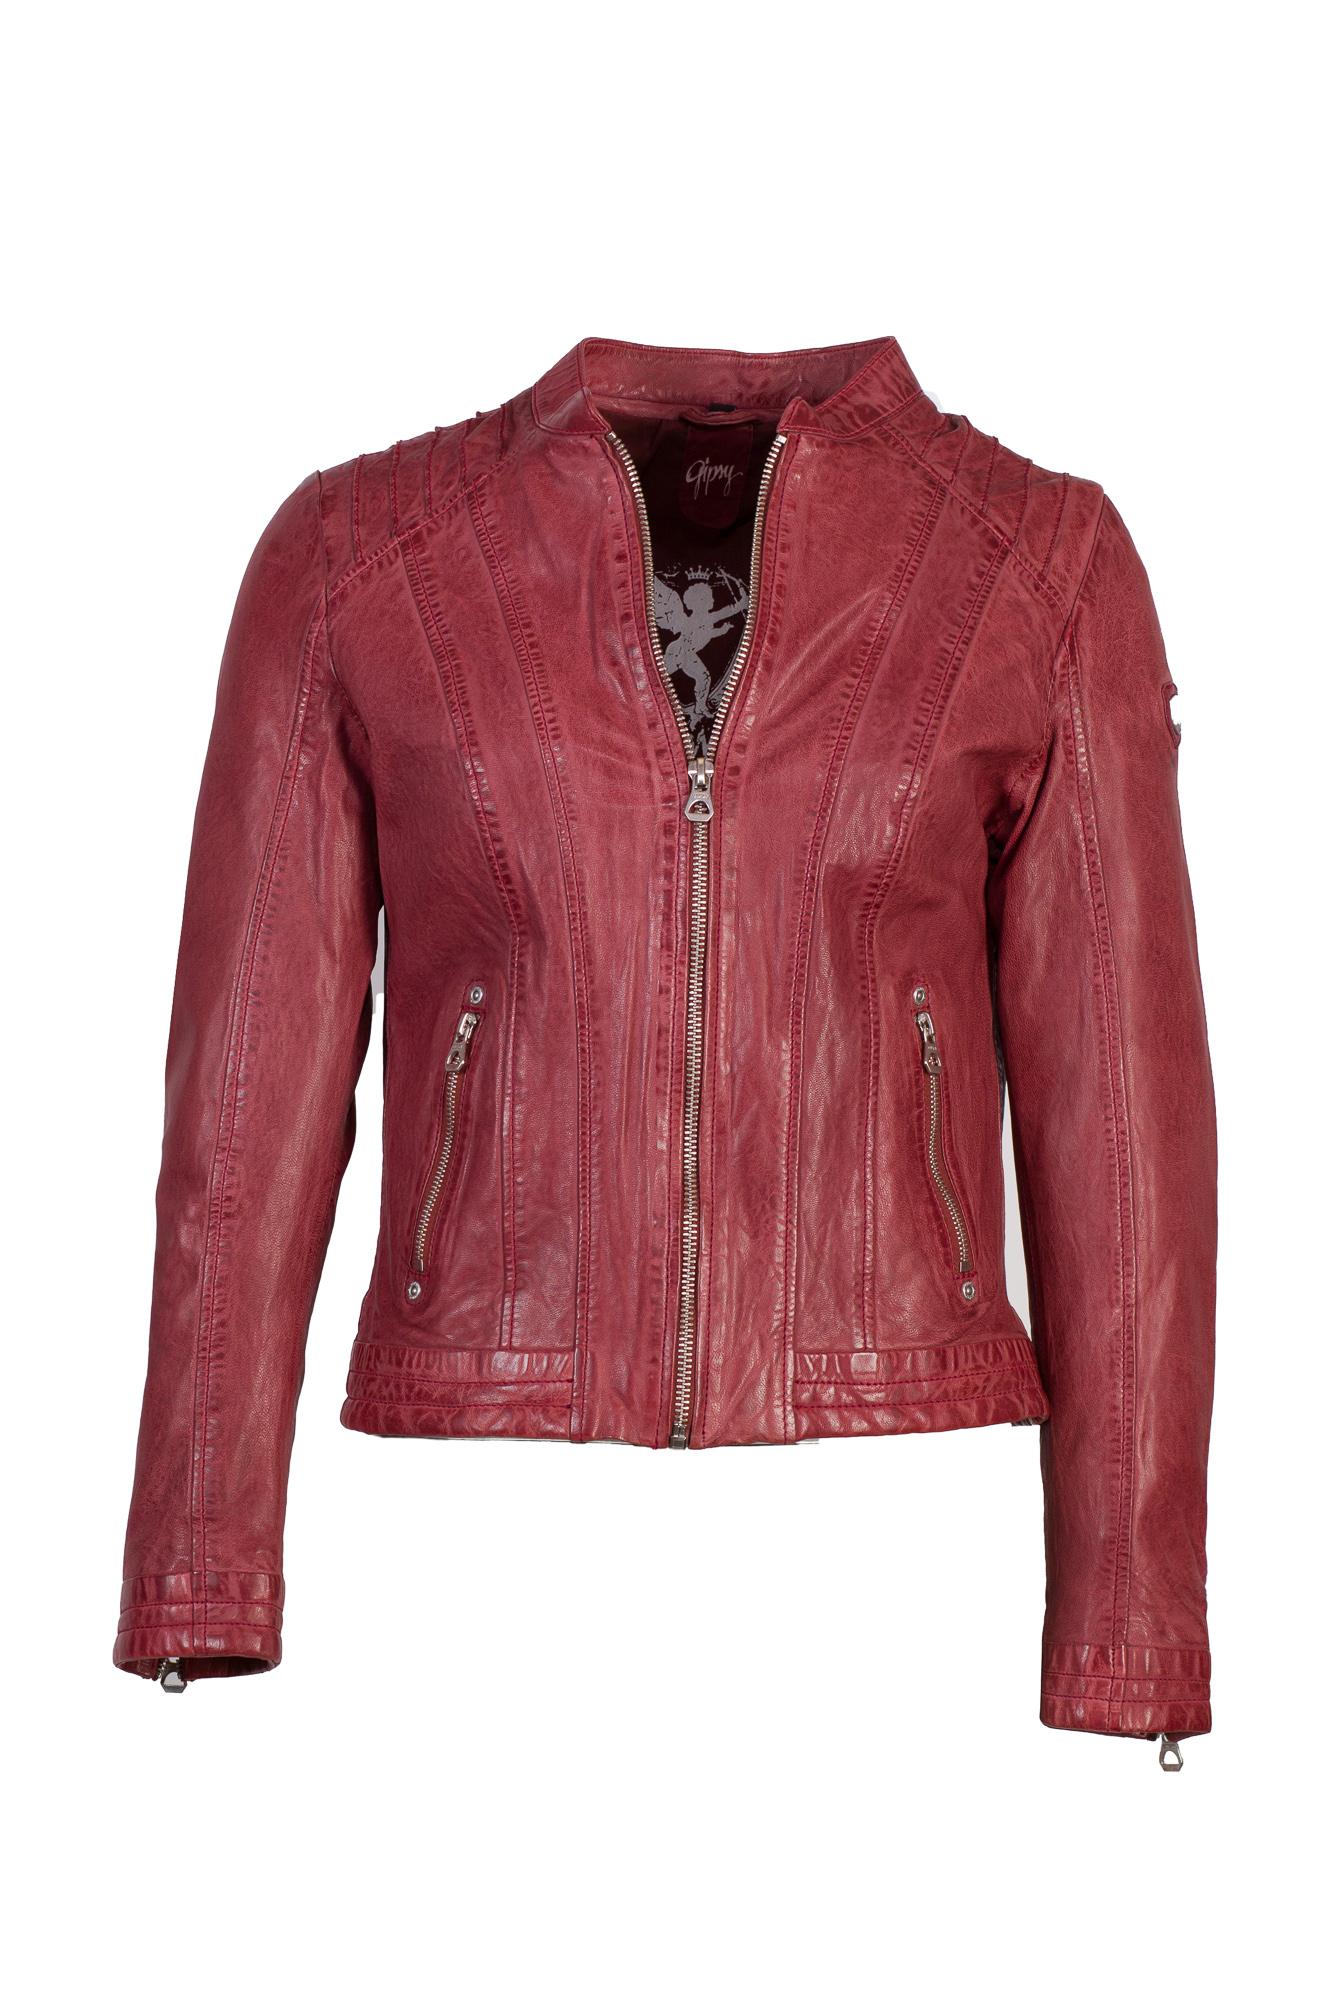 Sehr schöne Lederjacke rot mit Absteppungen von Gipsy